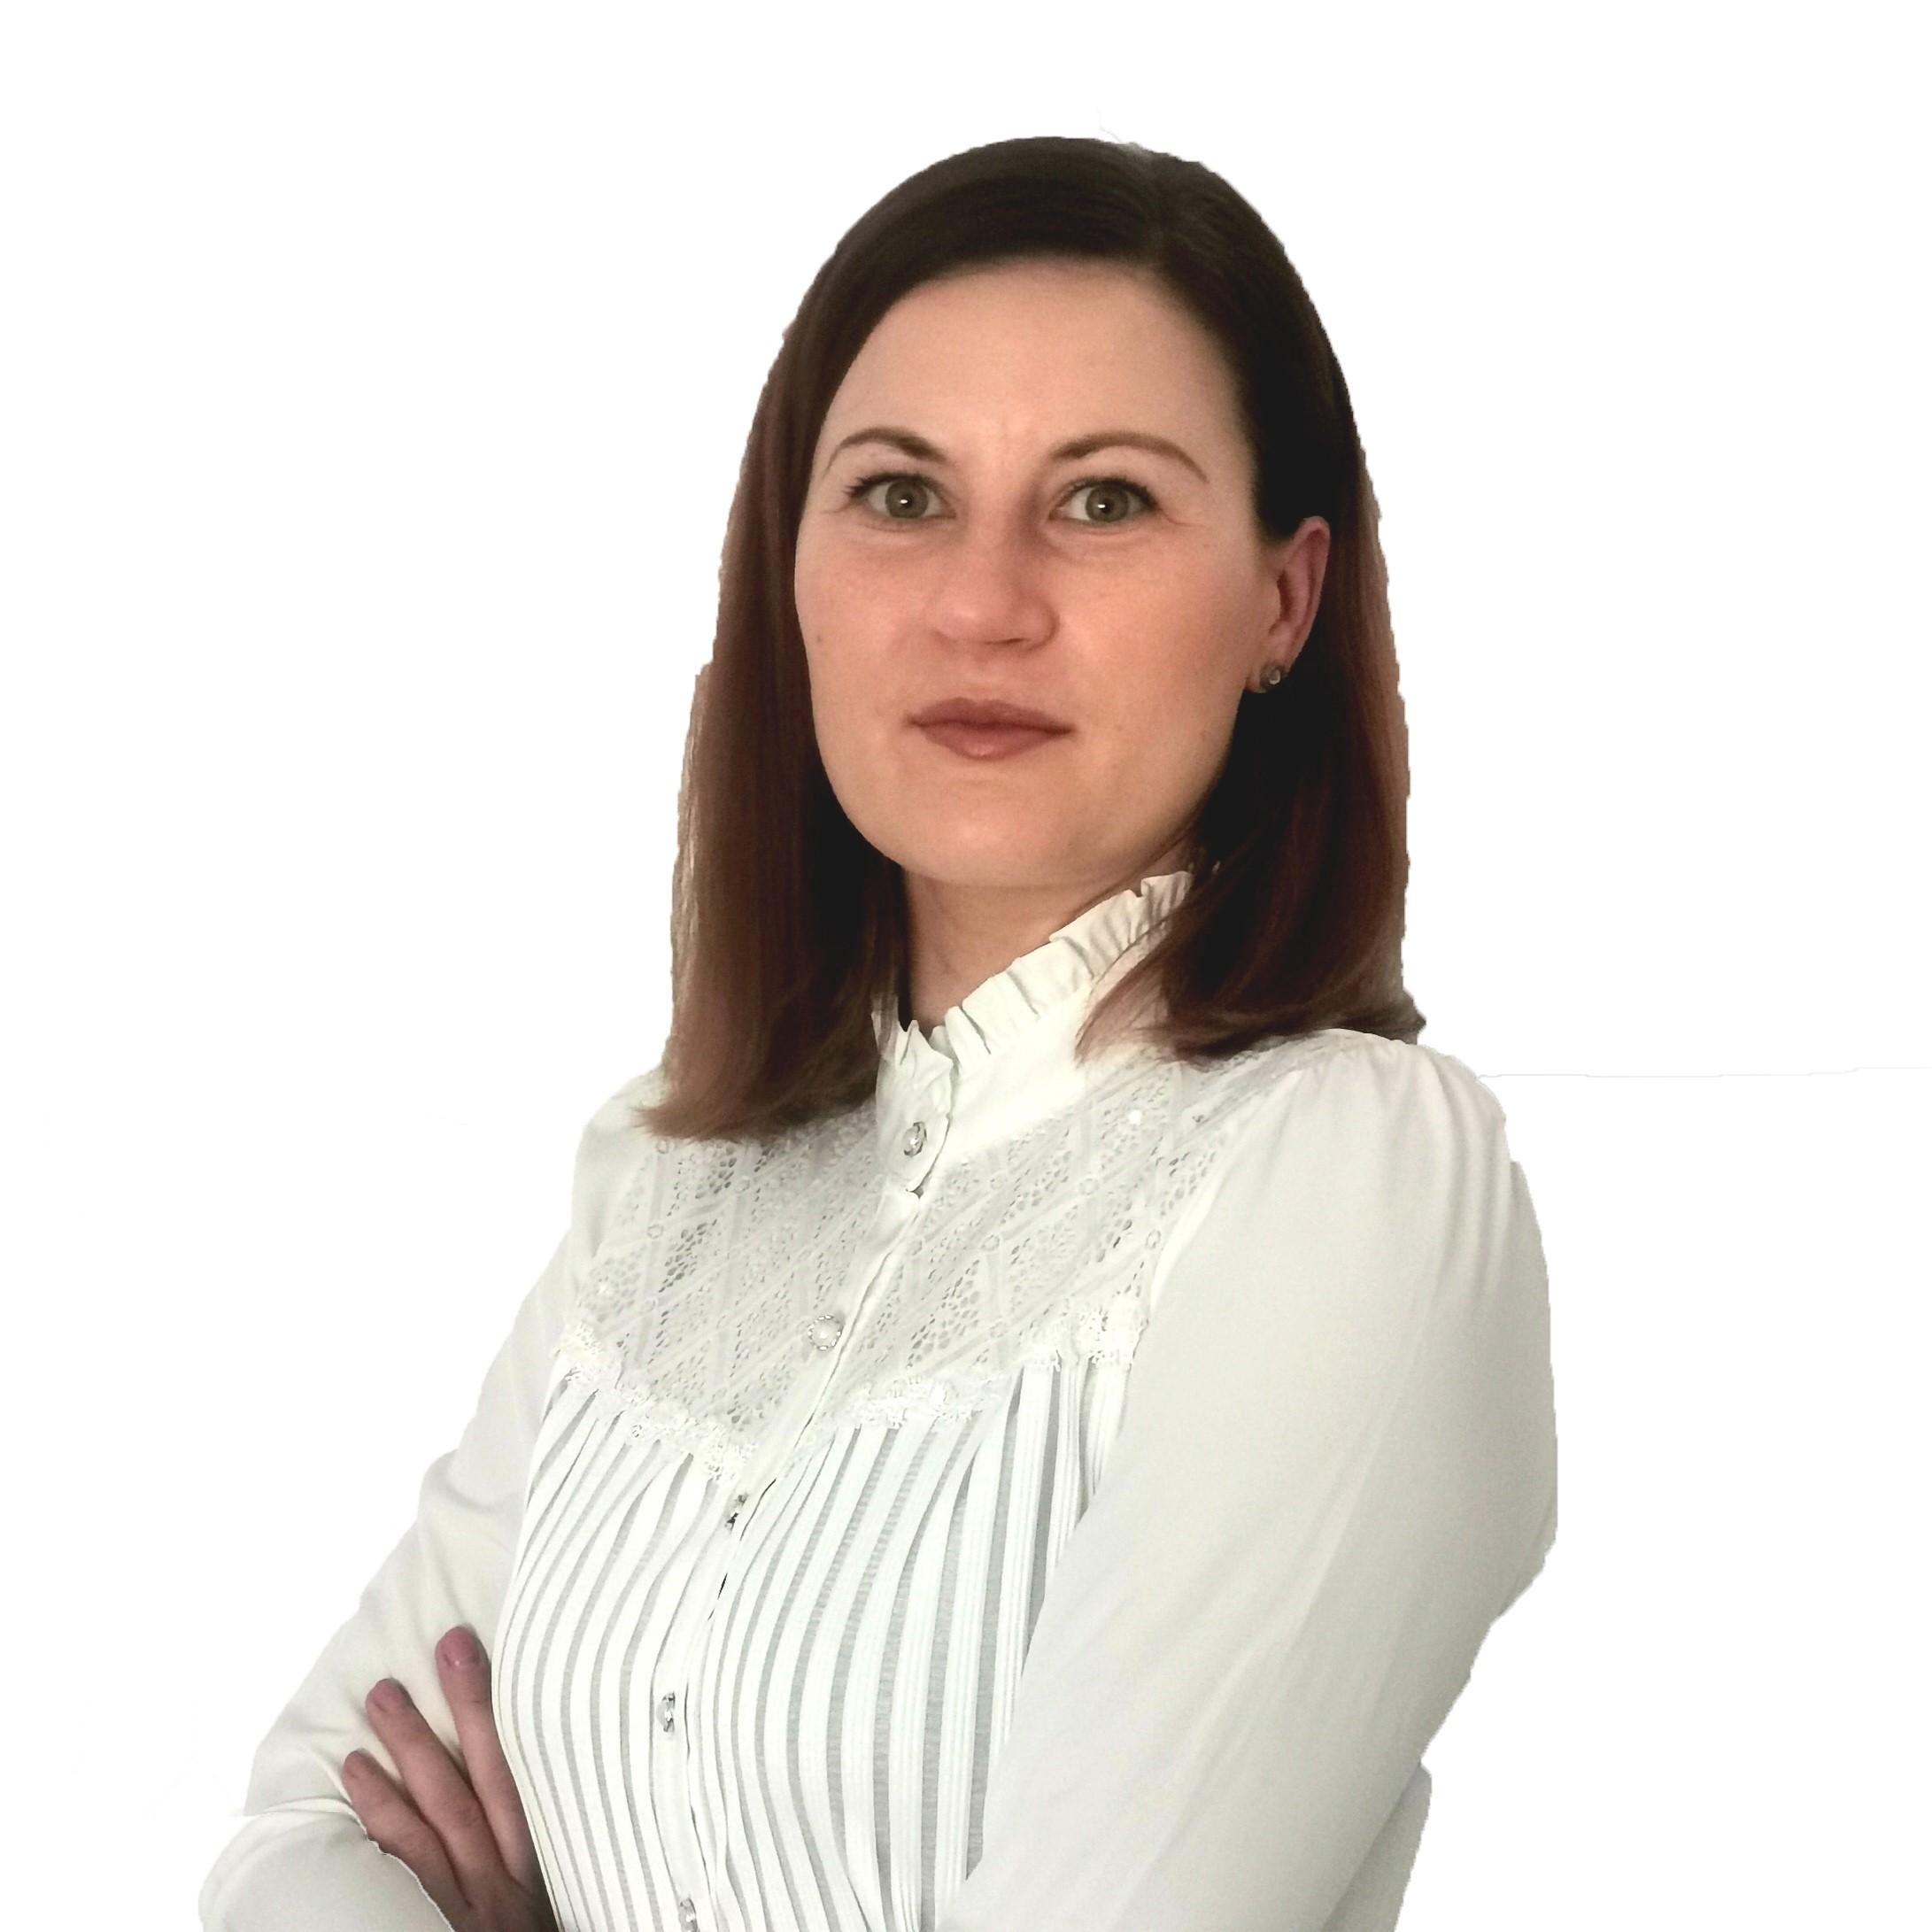 Joanna Nevin